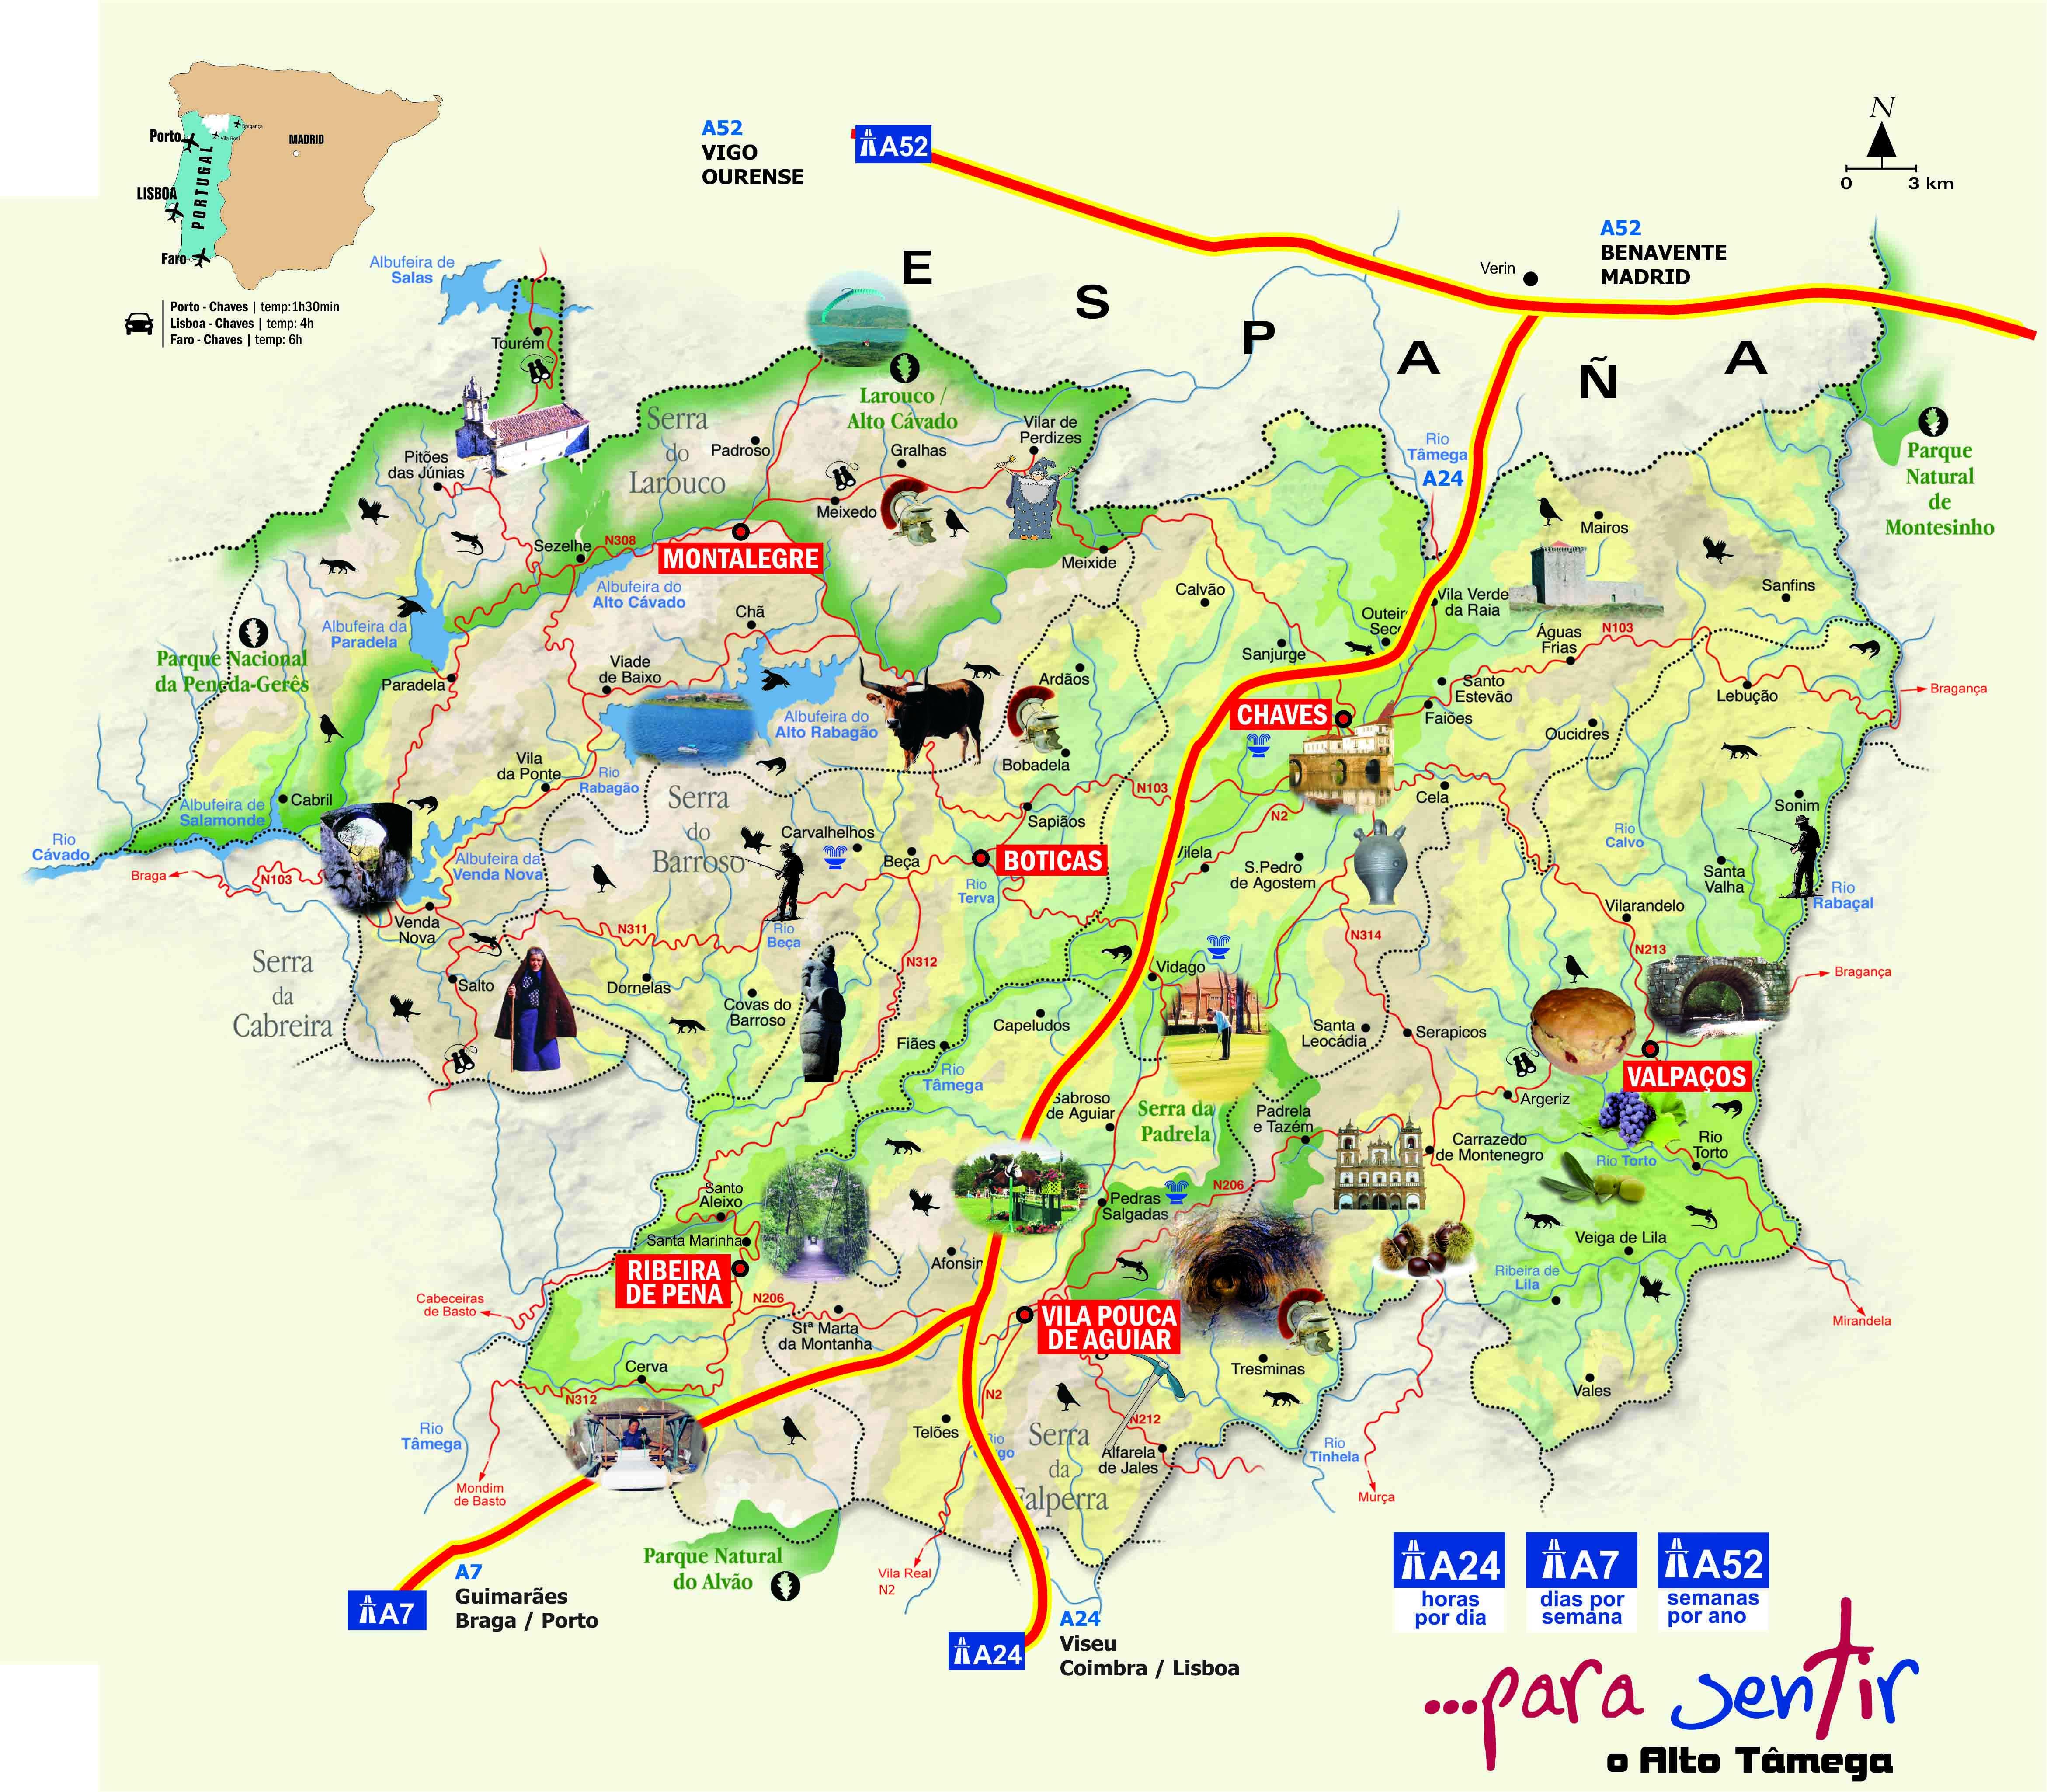 mapa turistico do geres Como Atuamos   ADRAT mapa turistico do geres